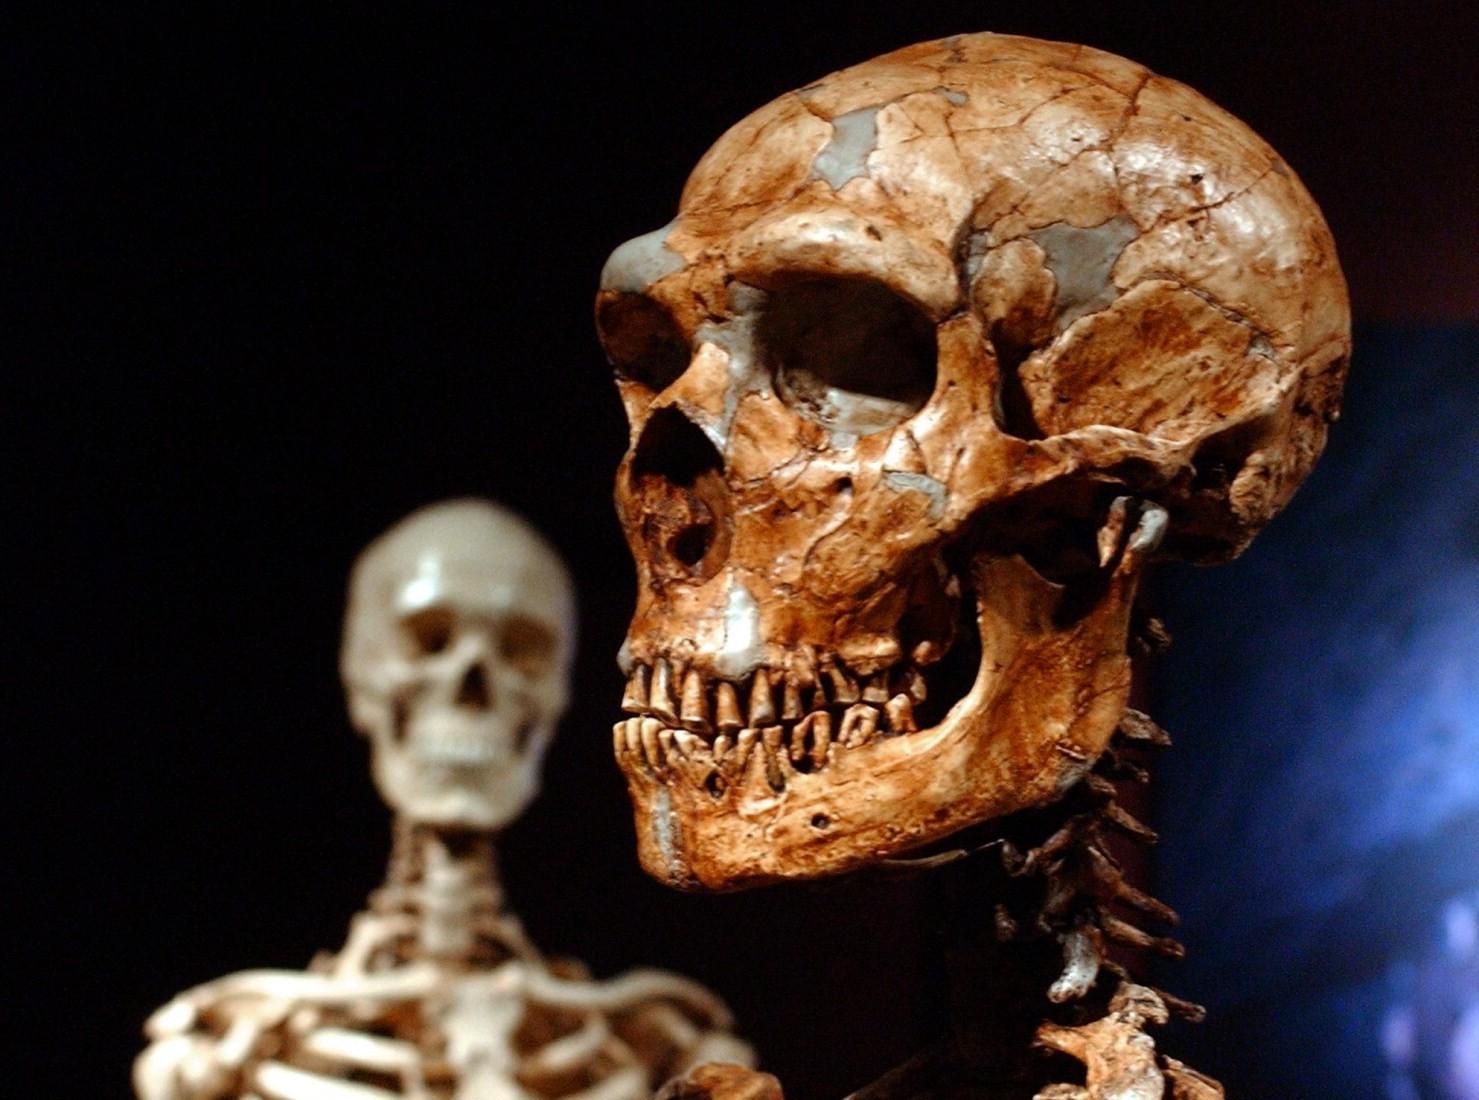 Ученые обнаружили учеловека «вредный ген» неандертальцев